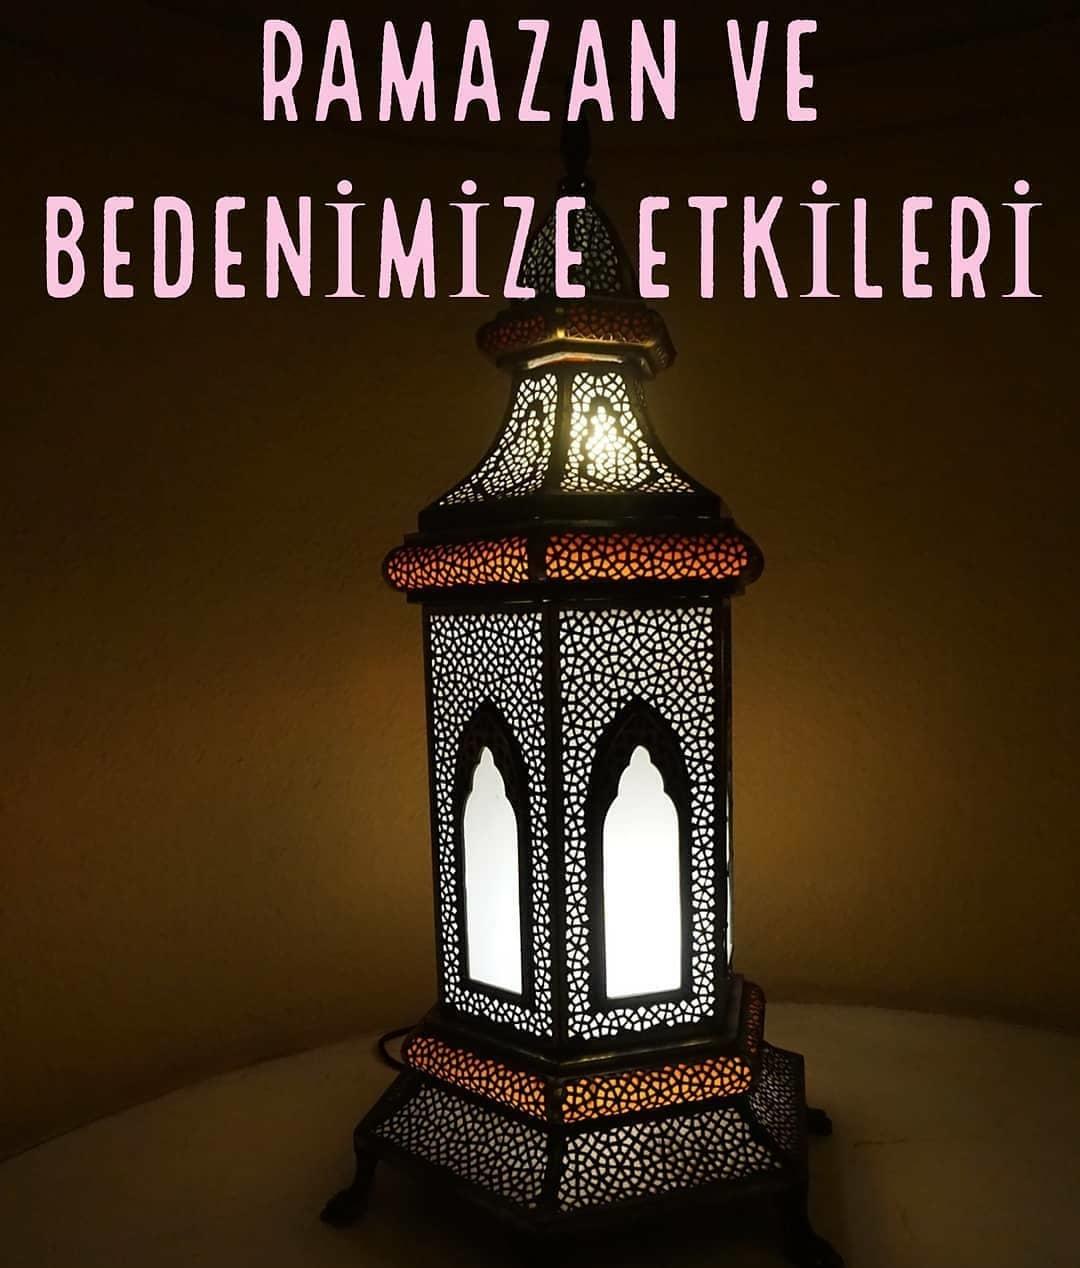 Ramazan ve Bedemize Etkileri | www.corek-otu-yagi.com